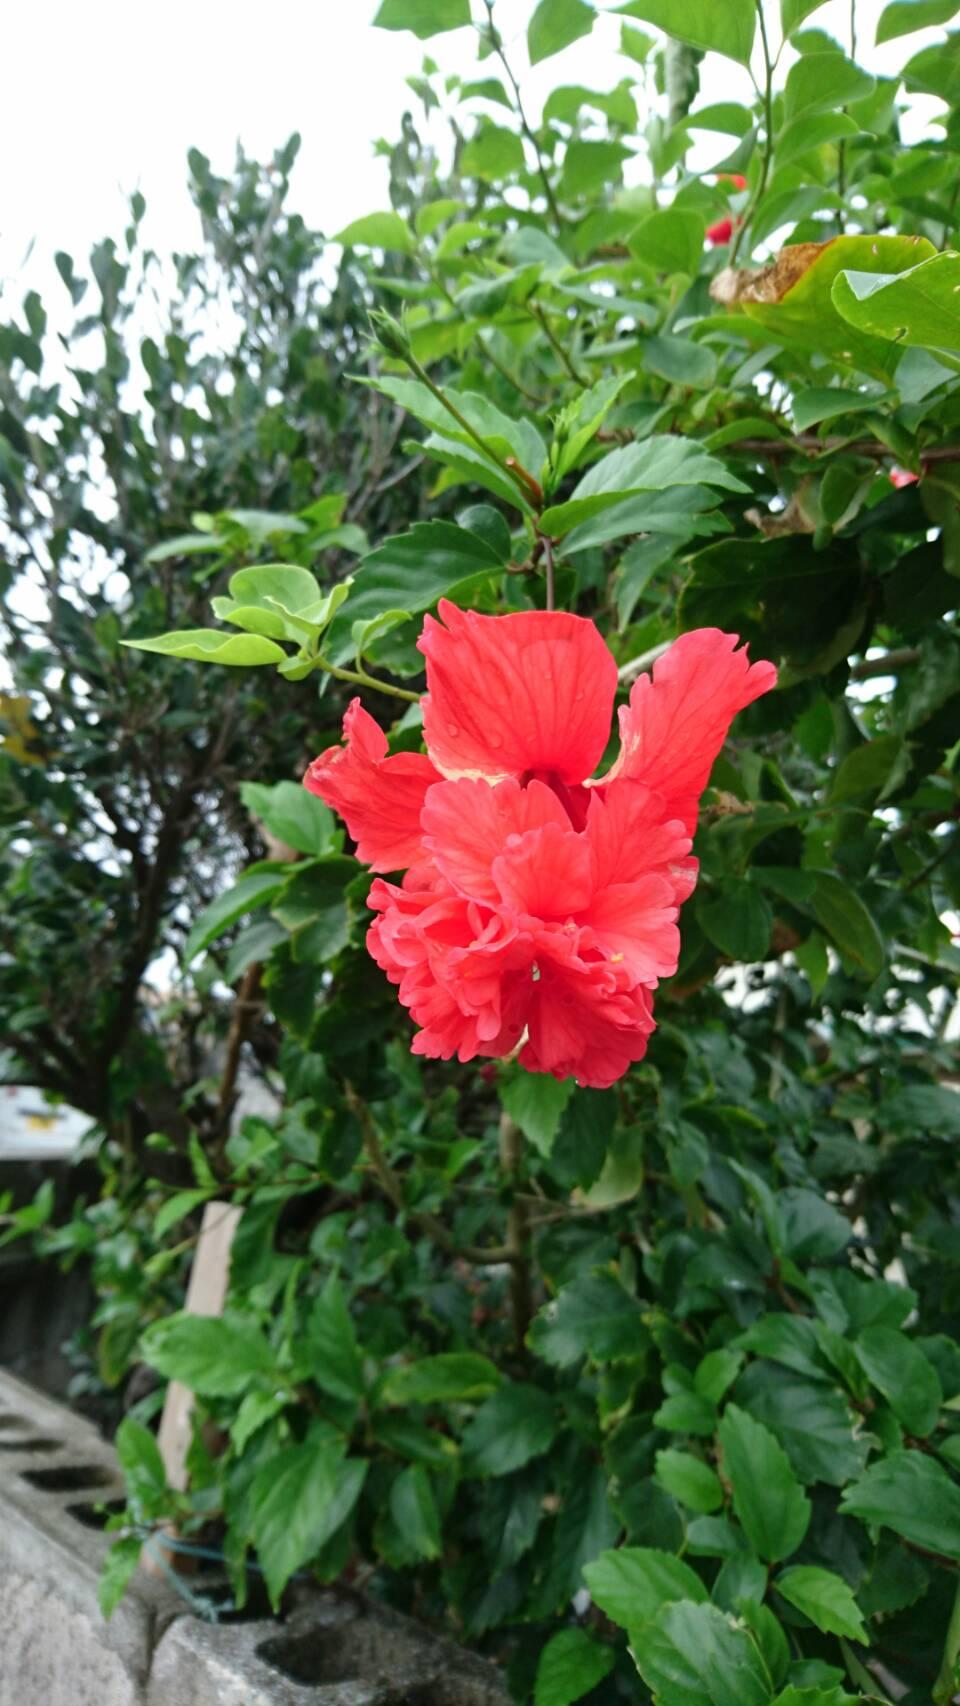 「与那国島」のオレンジ色のハイビスカス